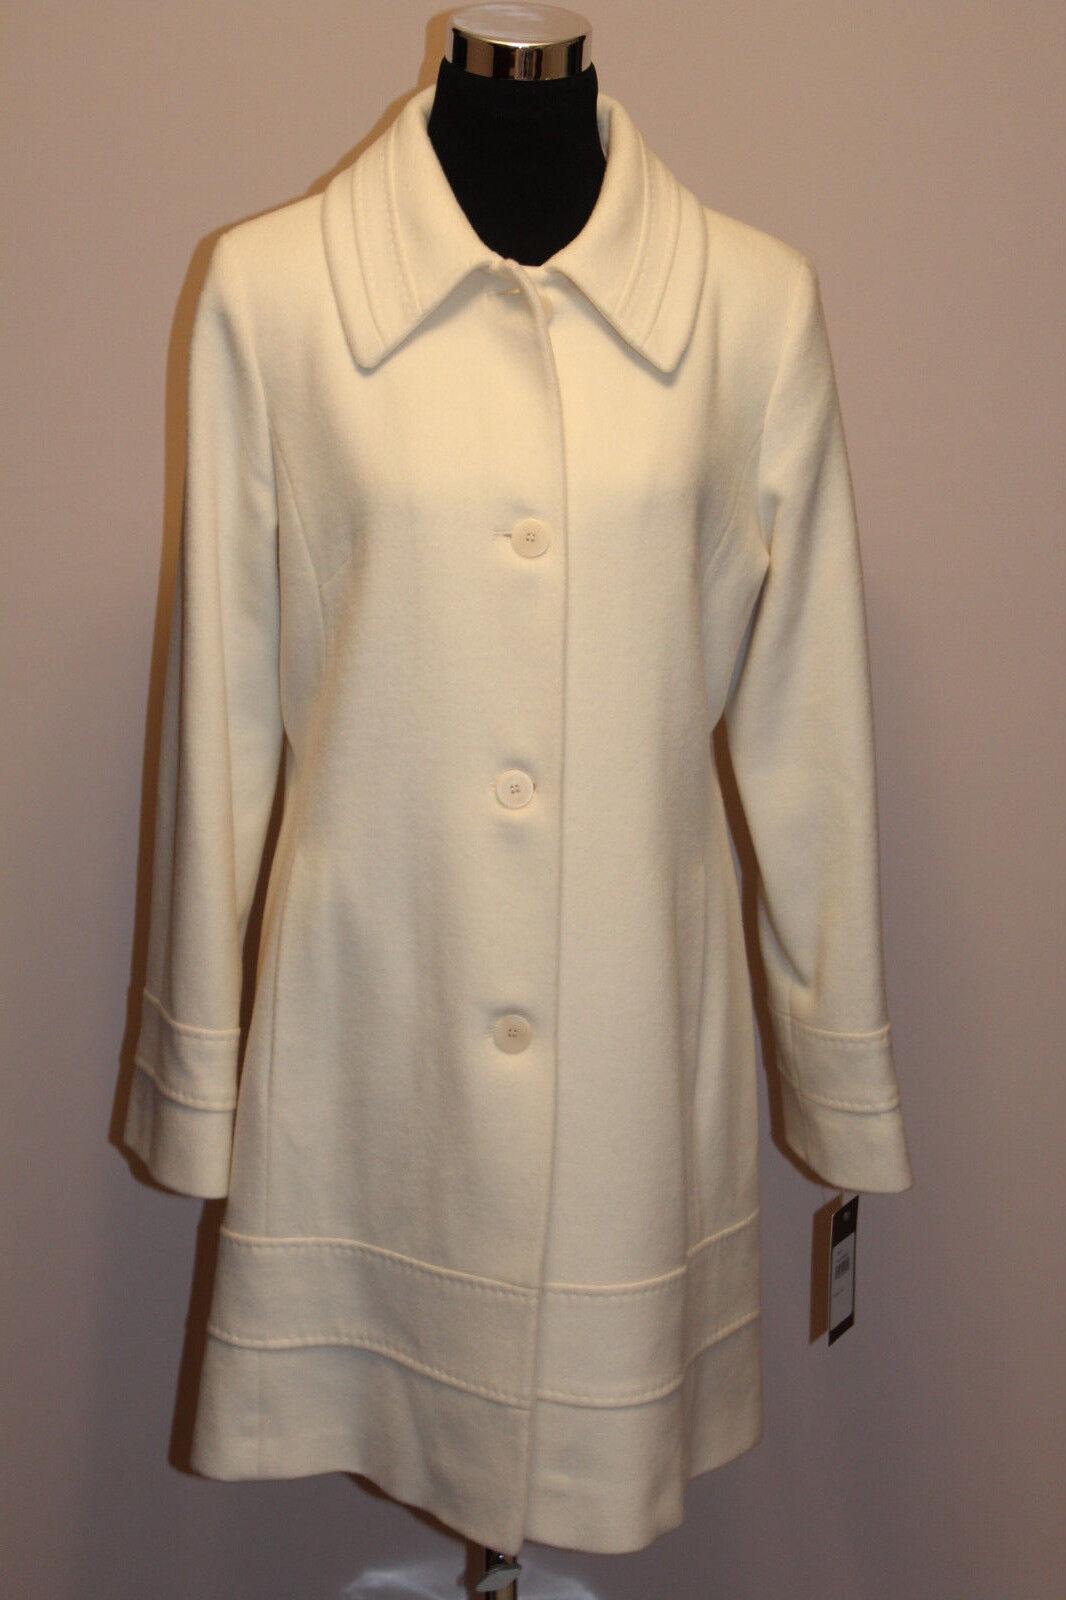 1049 NWT FLEURETTE STUDIO Parchment Wool Ivory Coat White Buttons sz 14